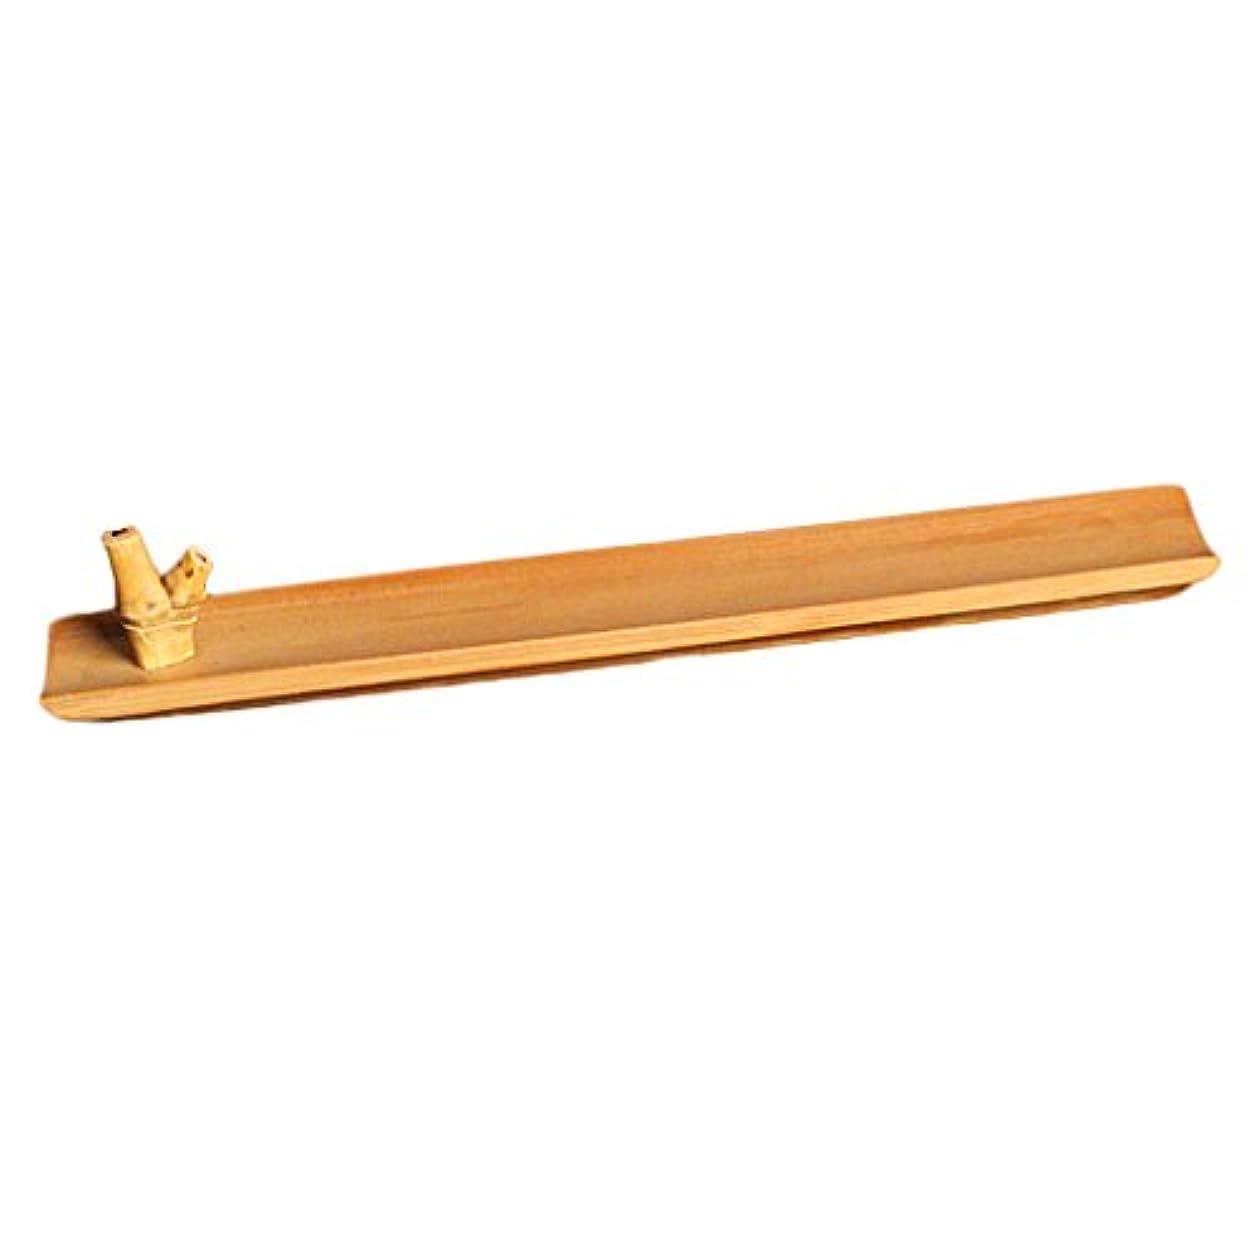 普及印刷する重くするBaosity 竹 お香立て スティック  香 ホルダー バーナースティック 手作り 工芸品 アロマセラピー、ヨガ、レイキ、マッサージ、太極拳、瞑想の愛好家に最適